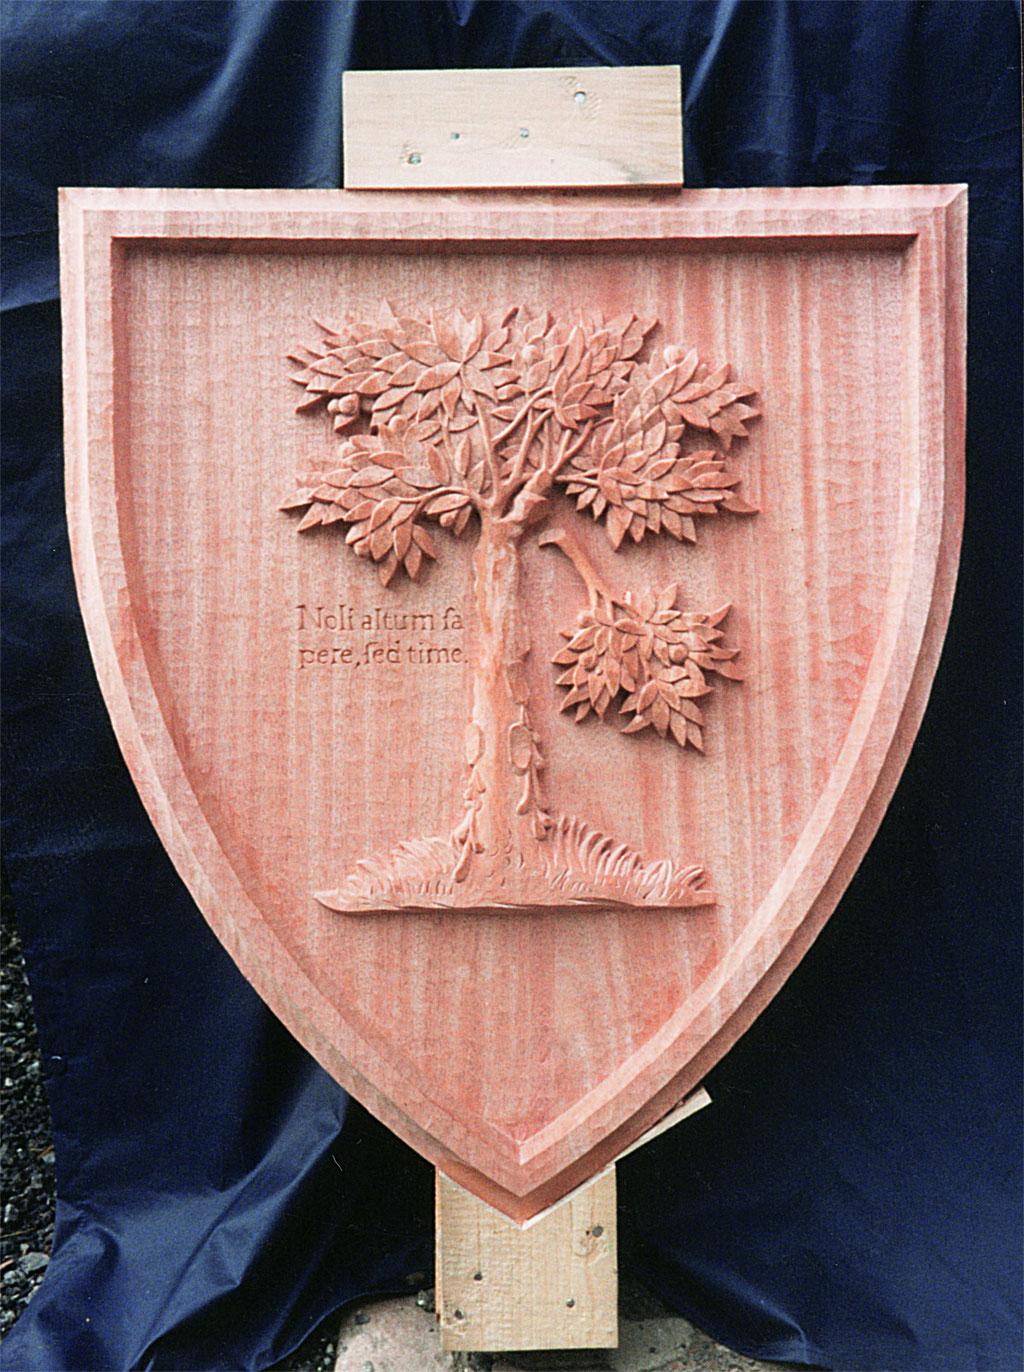 Wappenschild aus Holz geschnitzt mit einem Baum von dem ein Ast abbricht.